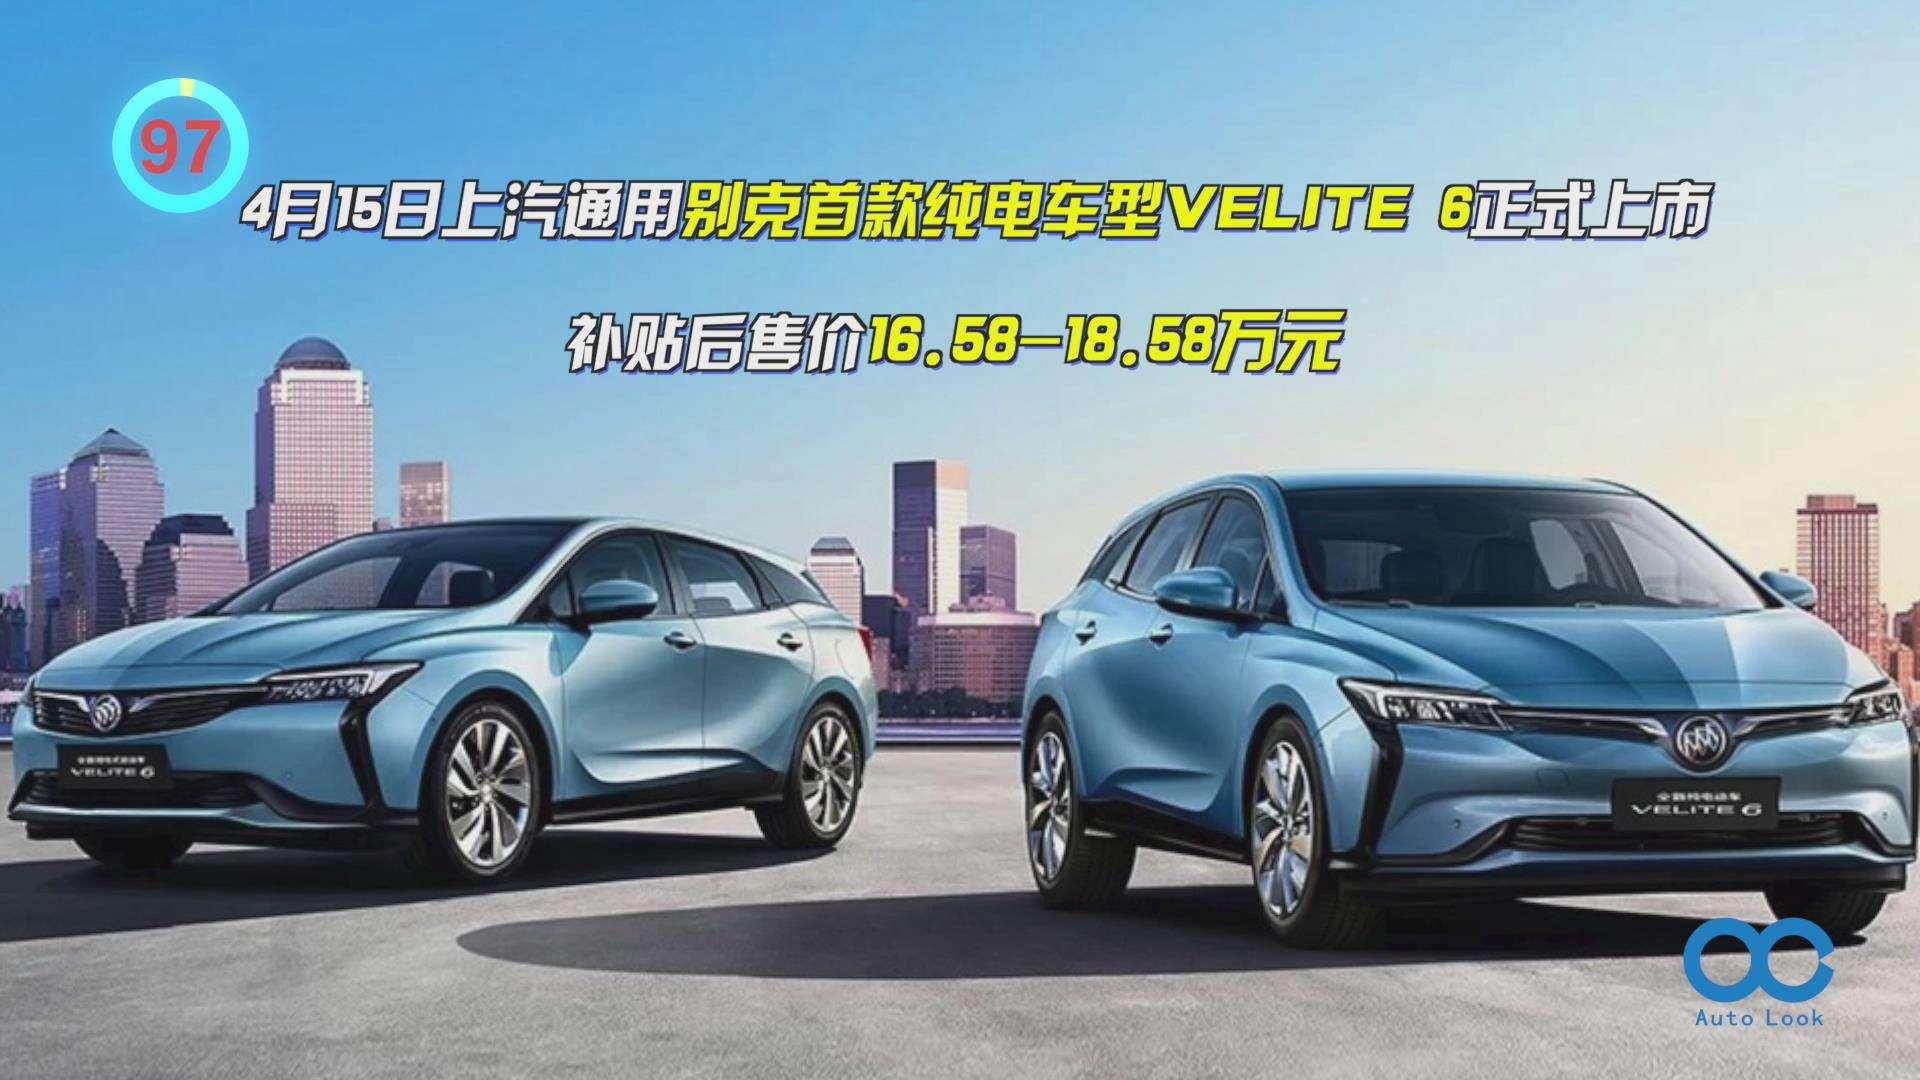 【百秒看车】别克首款纯电车VELITE 6 售价16.58万起